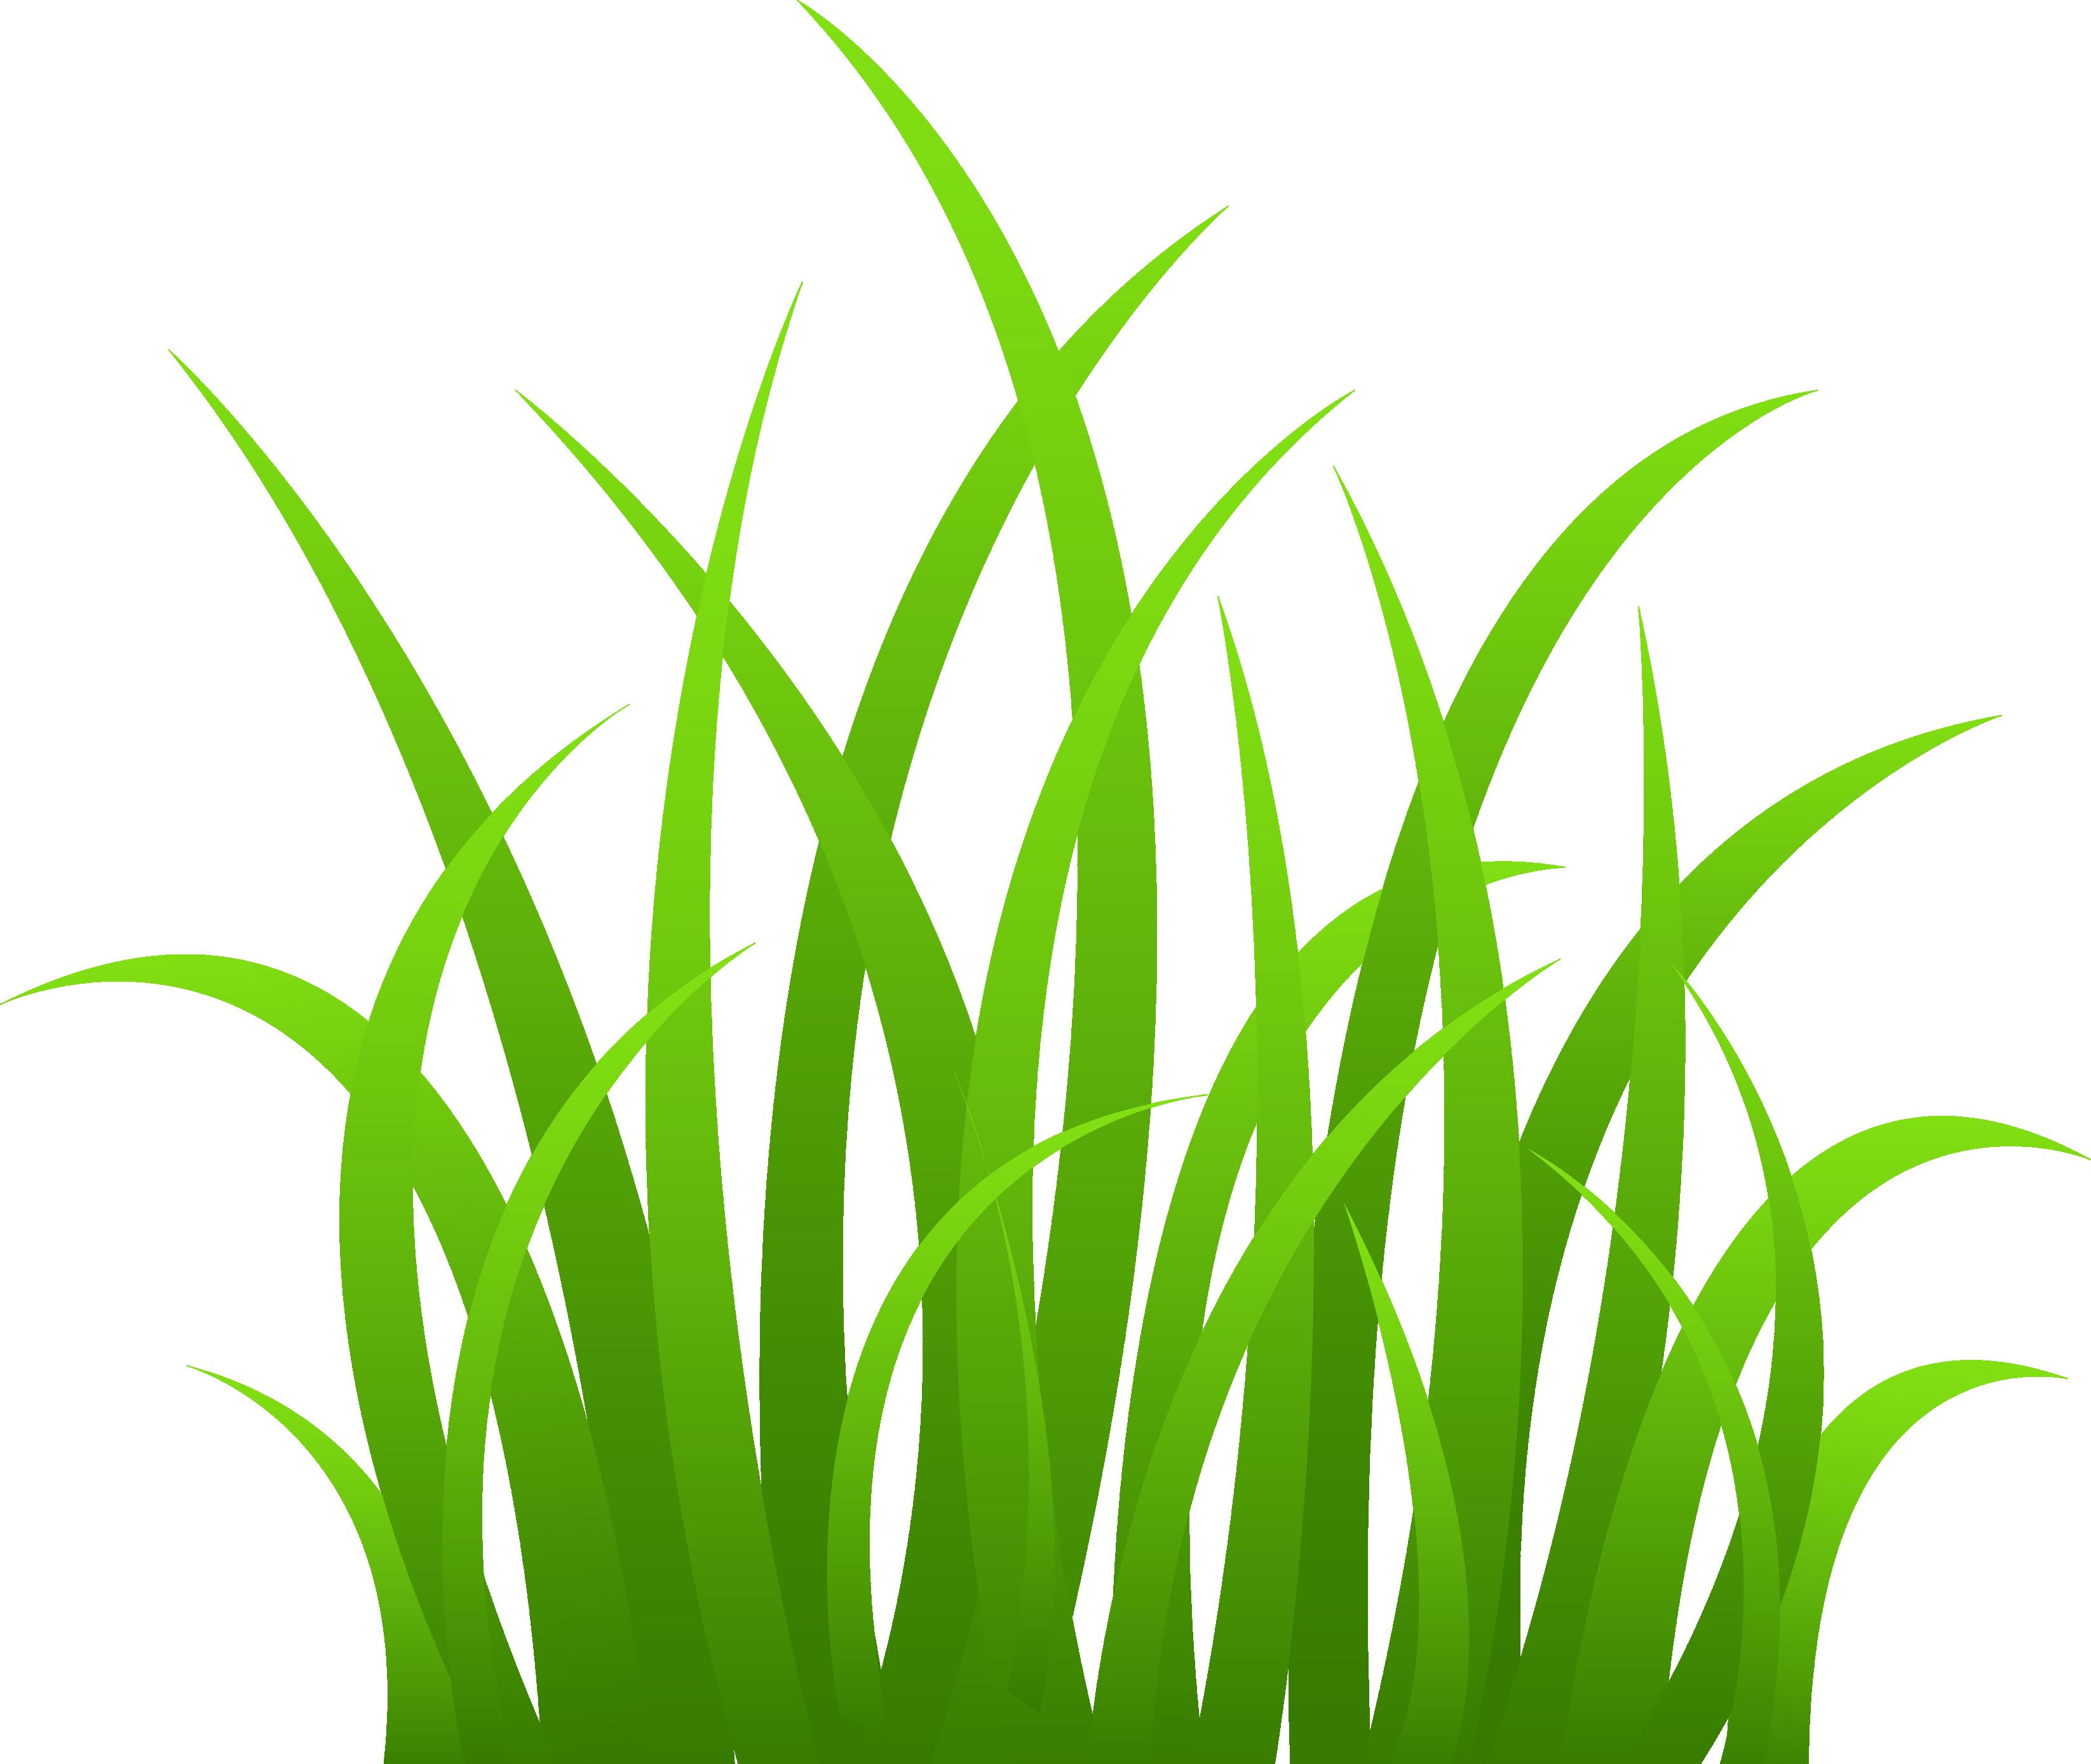 Grass clipart translucent.